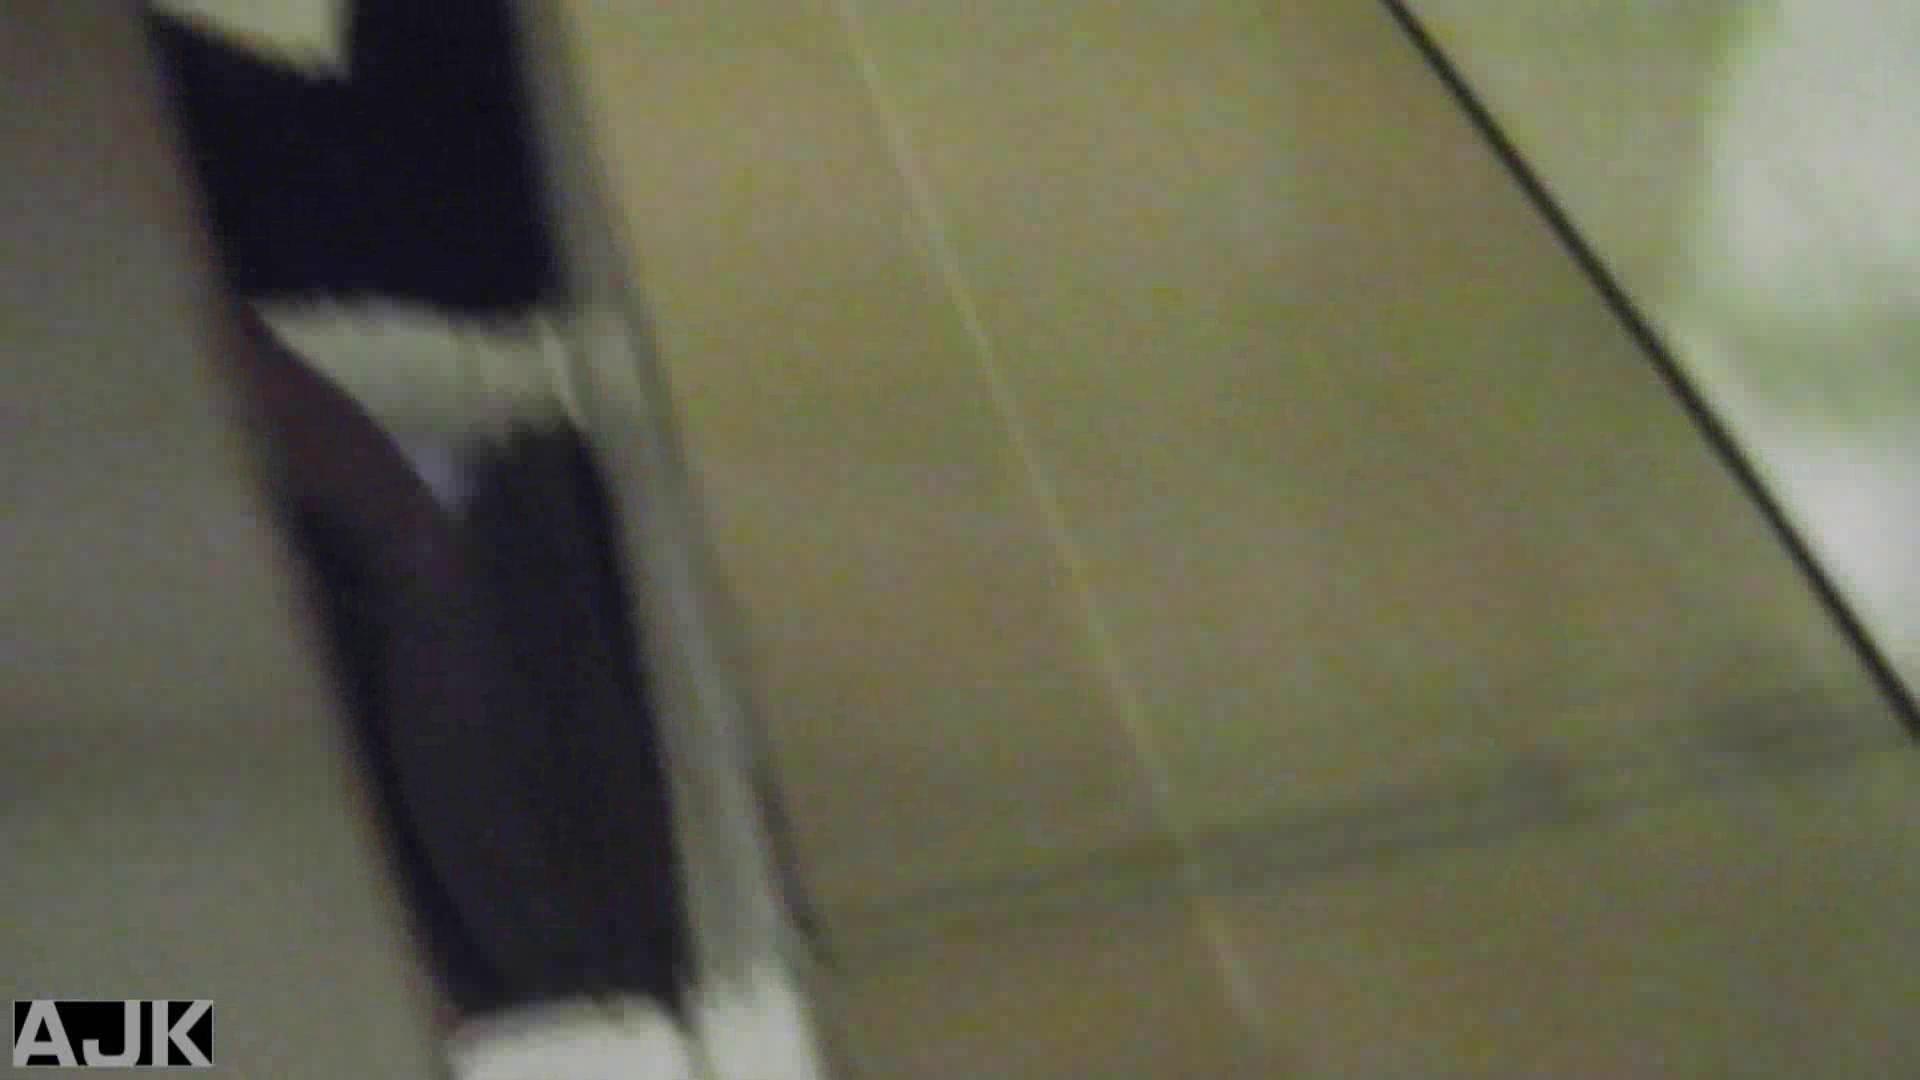 神降臨!史上最強の潜入かわや! vol.04 潜入突撃 おめこ無修正動画無料 104pic 28